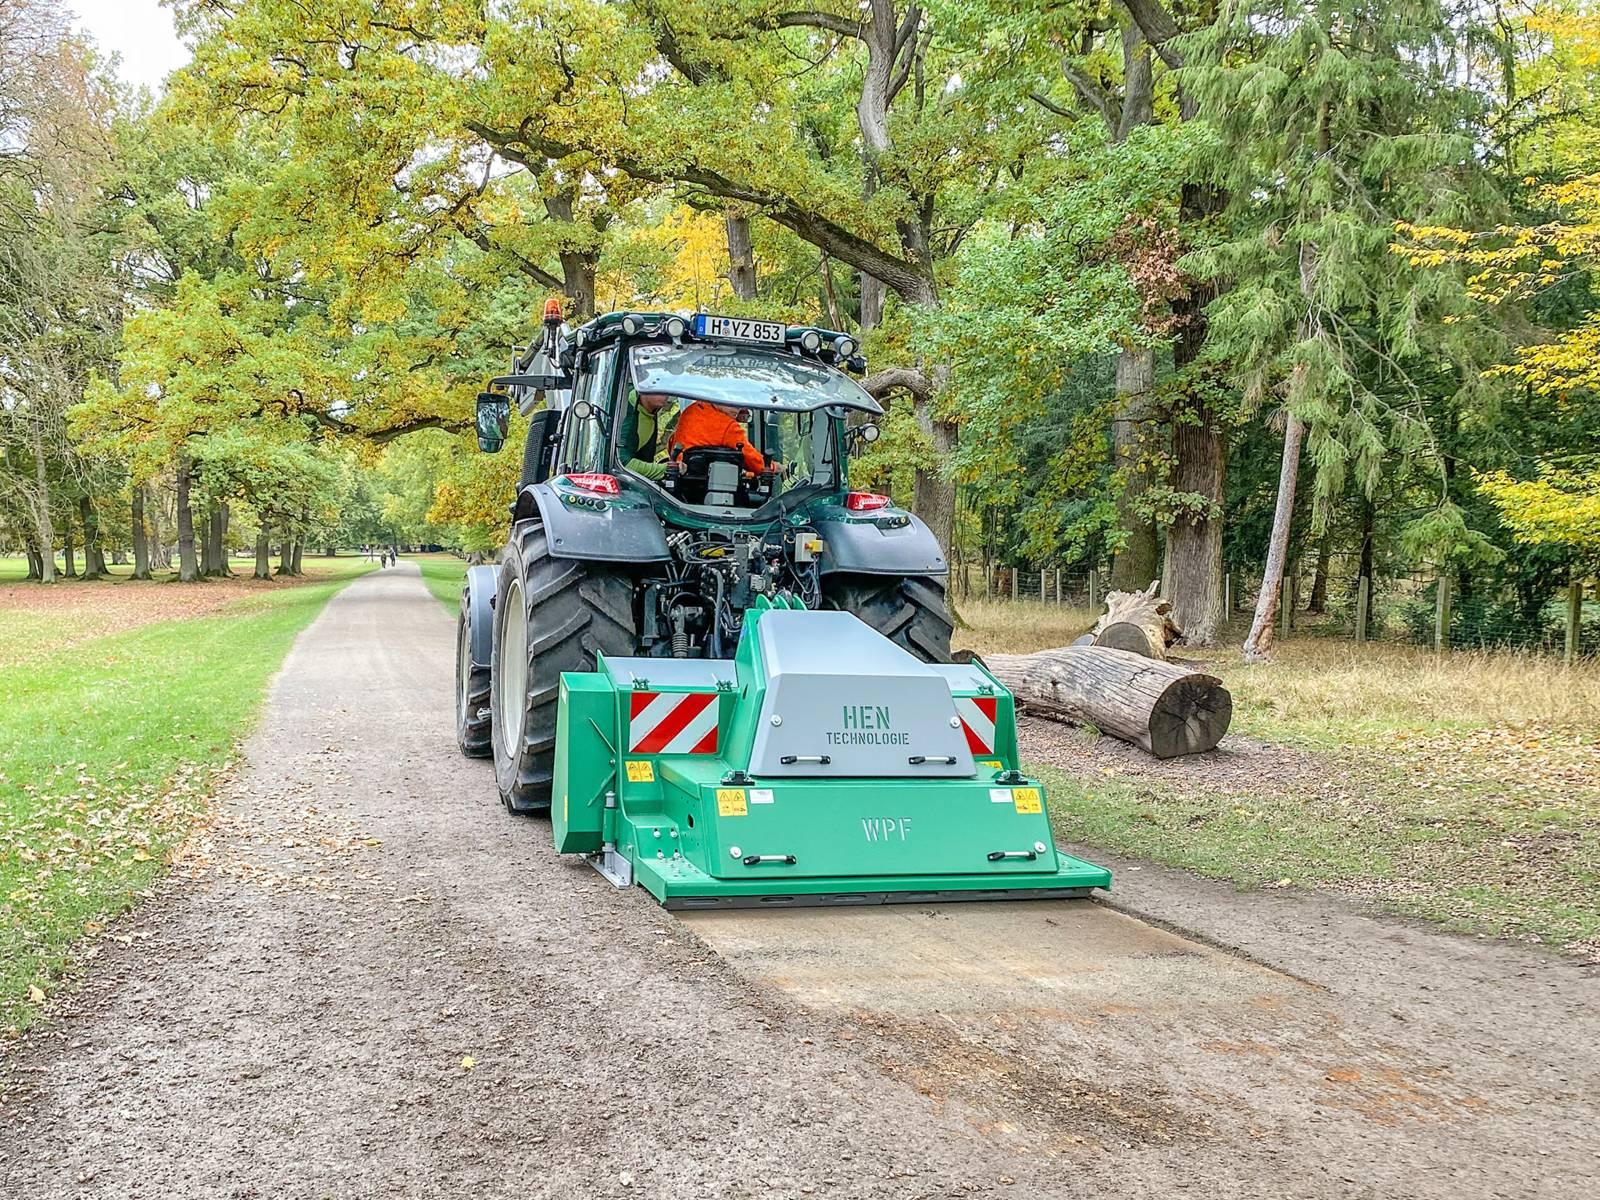 Eine Anbaufräse an einem Traktor, der über einen Weg fährt